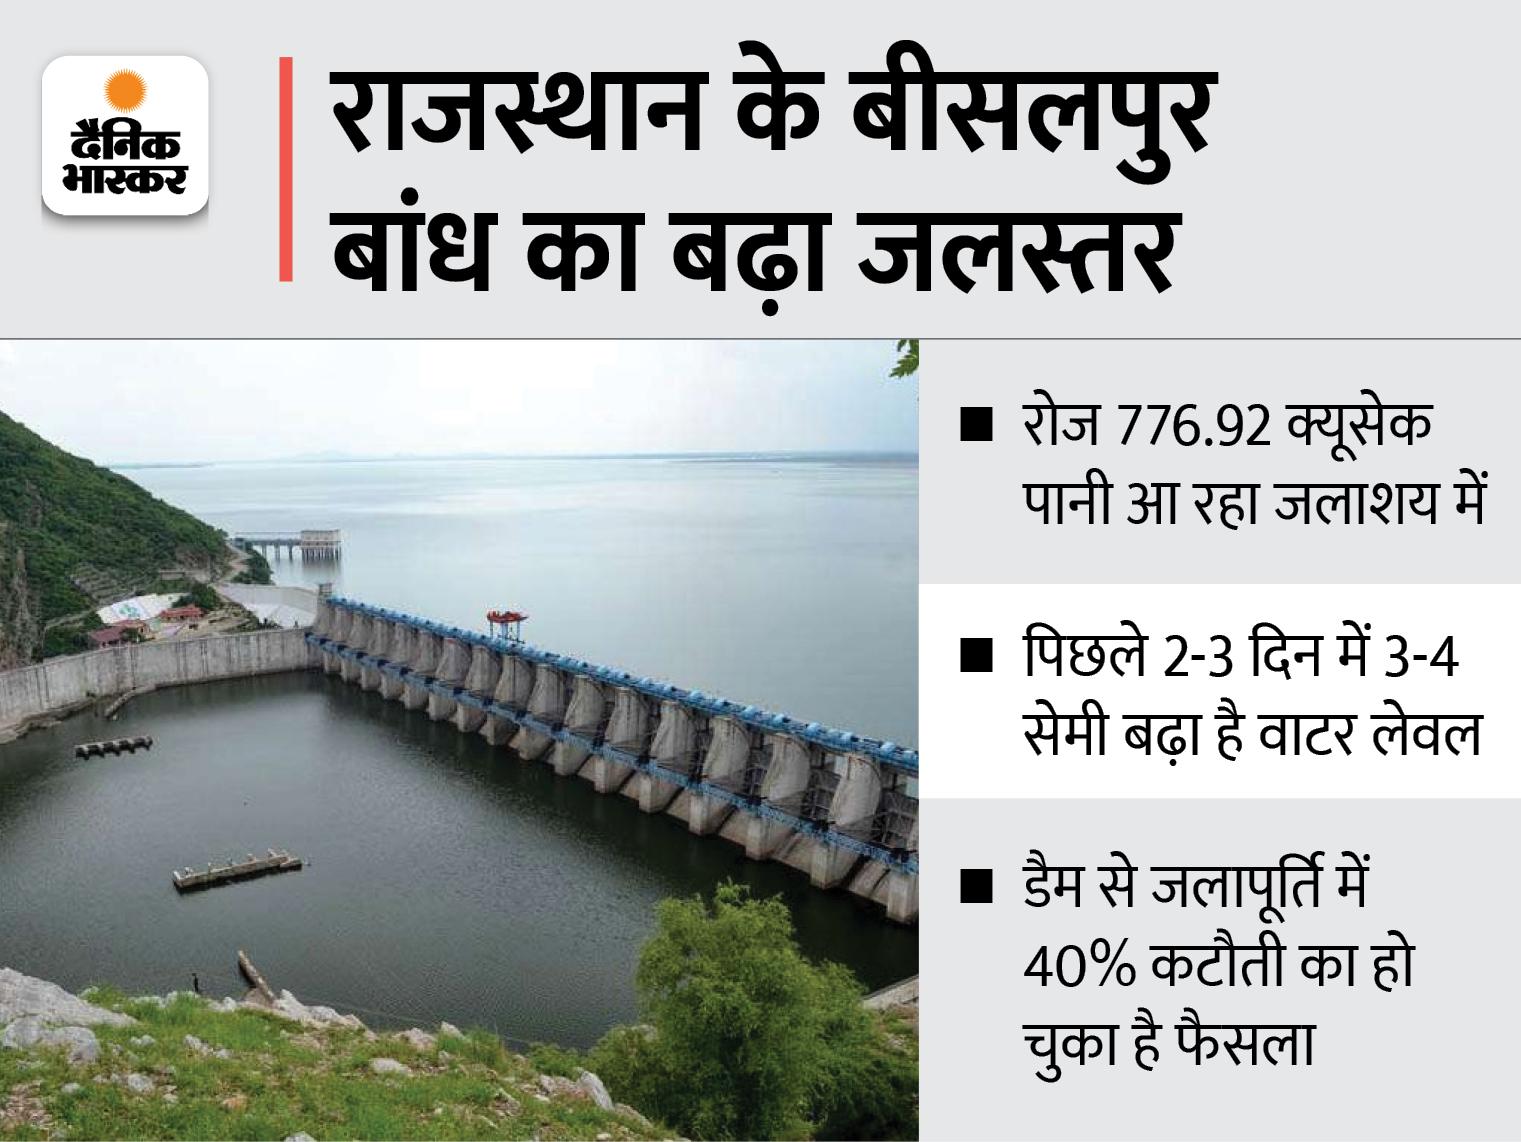 भीलवाड़ा, टोंक, राजसमंद समेत कई शहरों में हुई तेज बारिश से बीसलपुर बांध में आया पानी; जयपुर, अजमेर, टोंक के लिए राहत राजस्थान,Rajasthan - Dainik Bhaskar